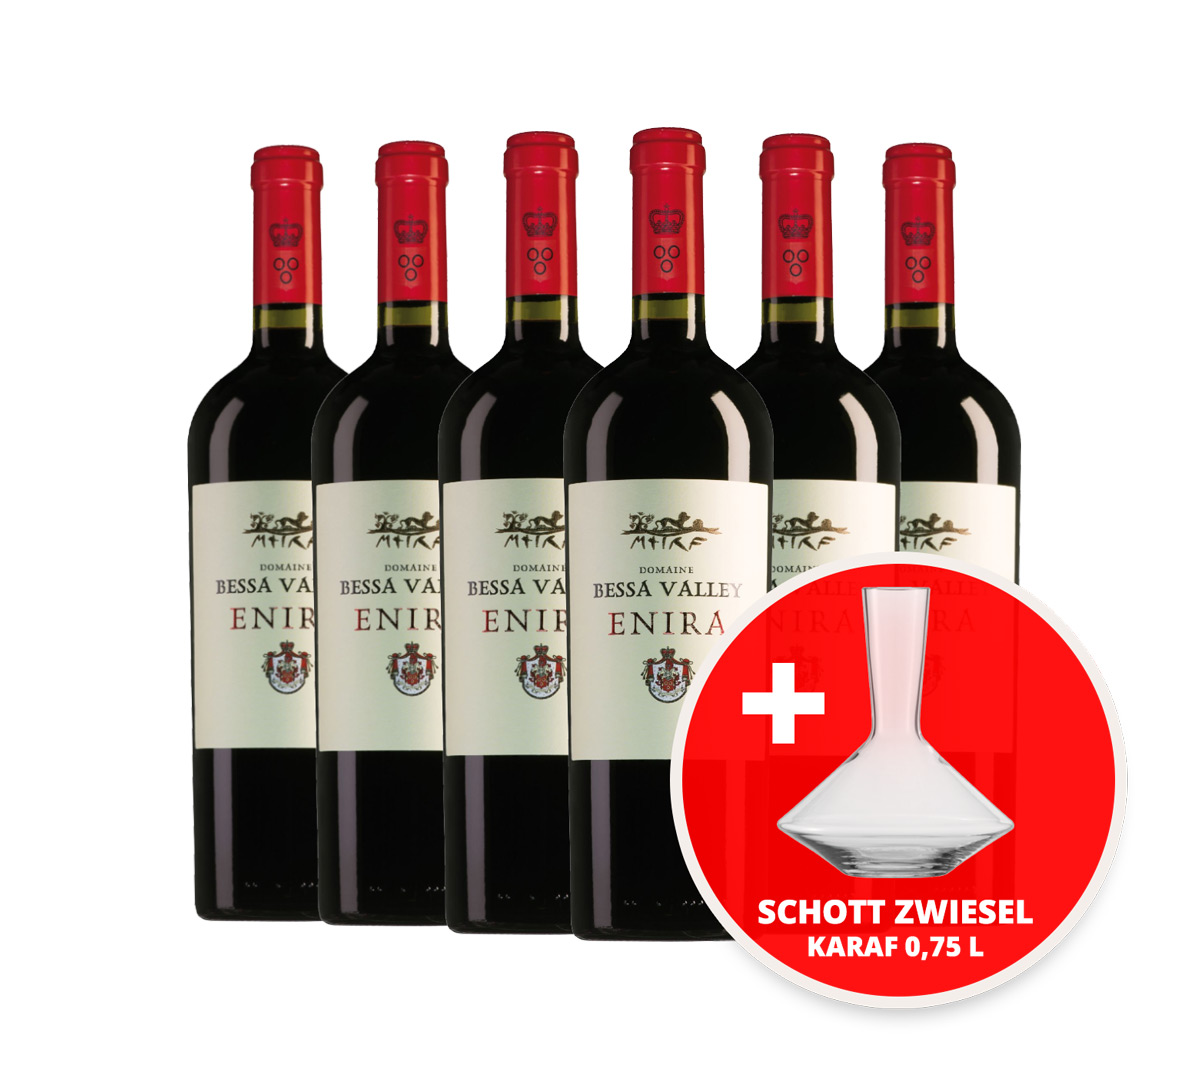 Enira Wijnpakket met Schott Zwiesel Pure Decanteerkaraf